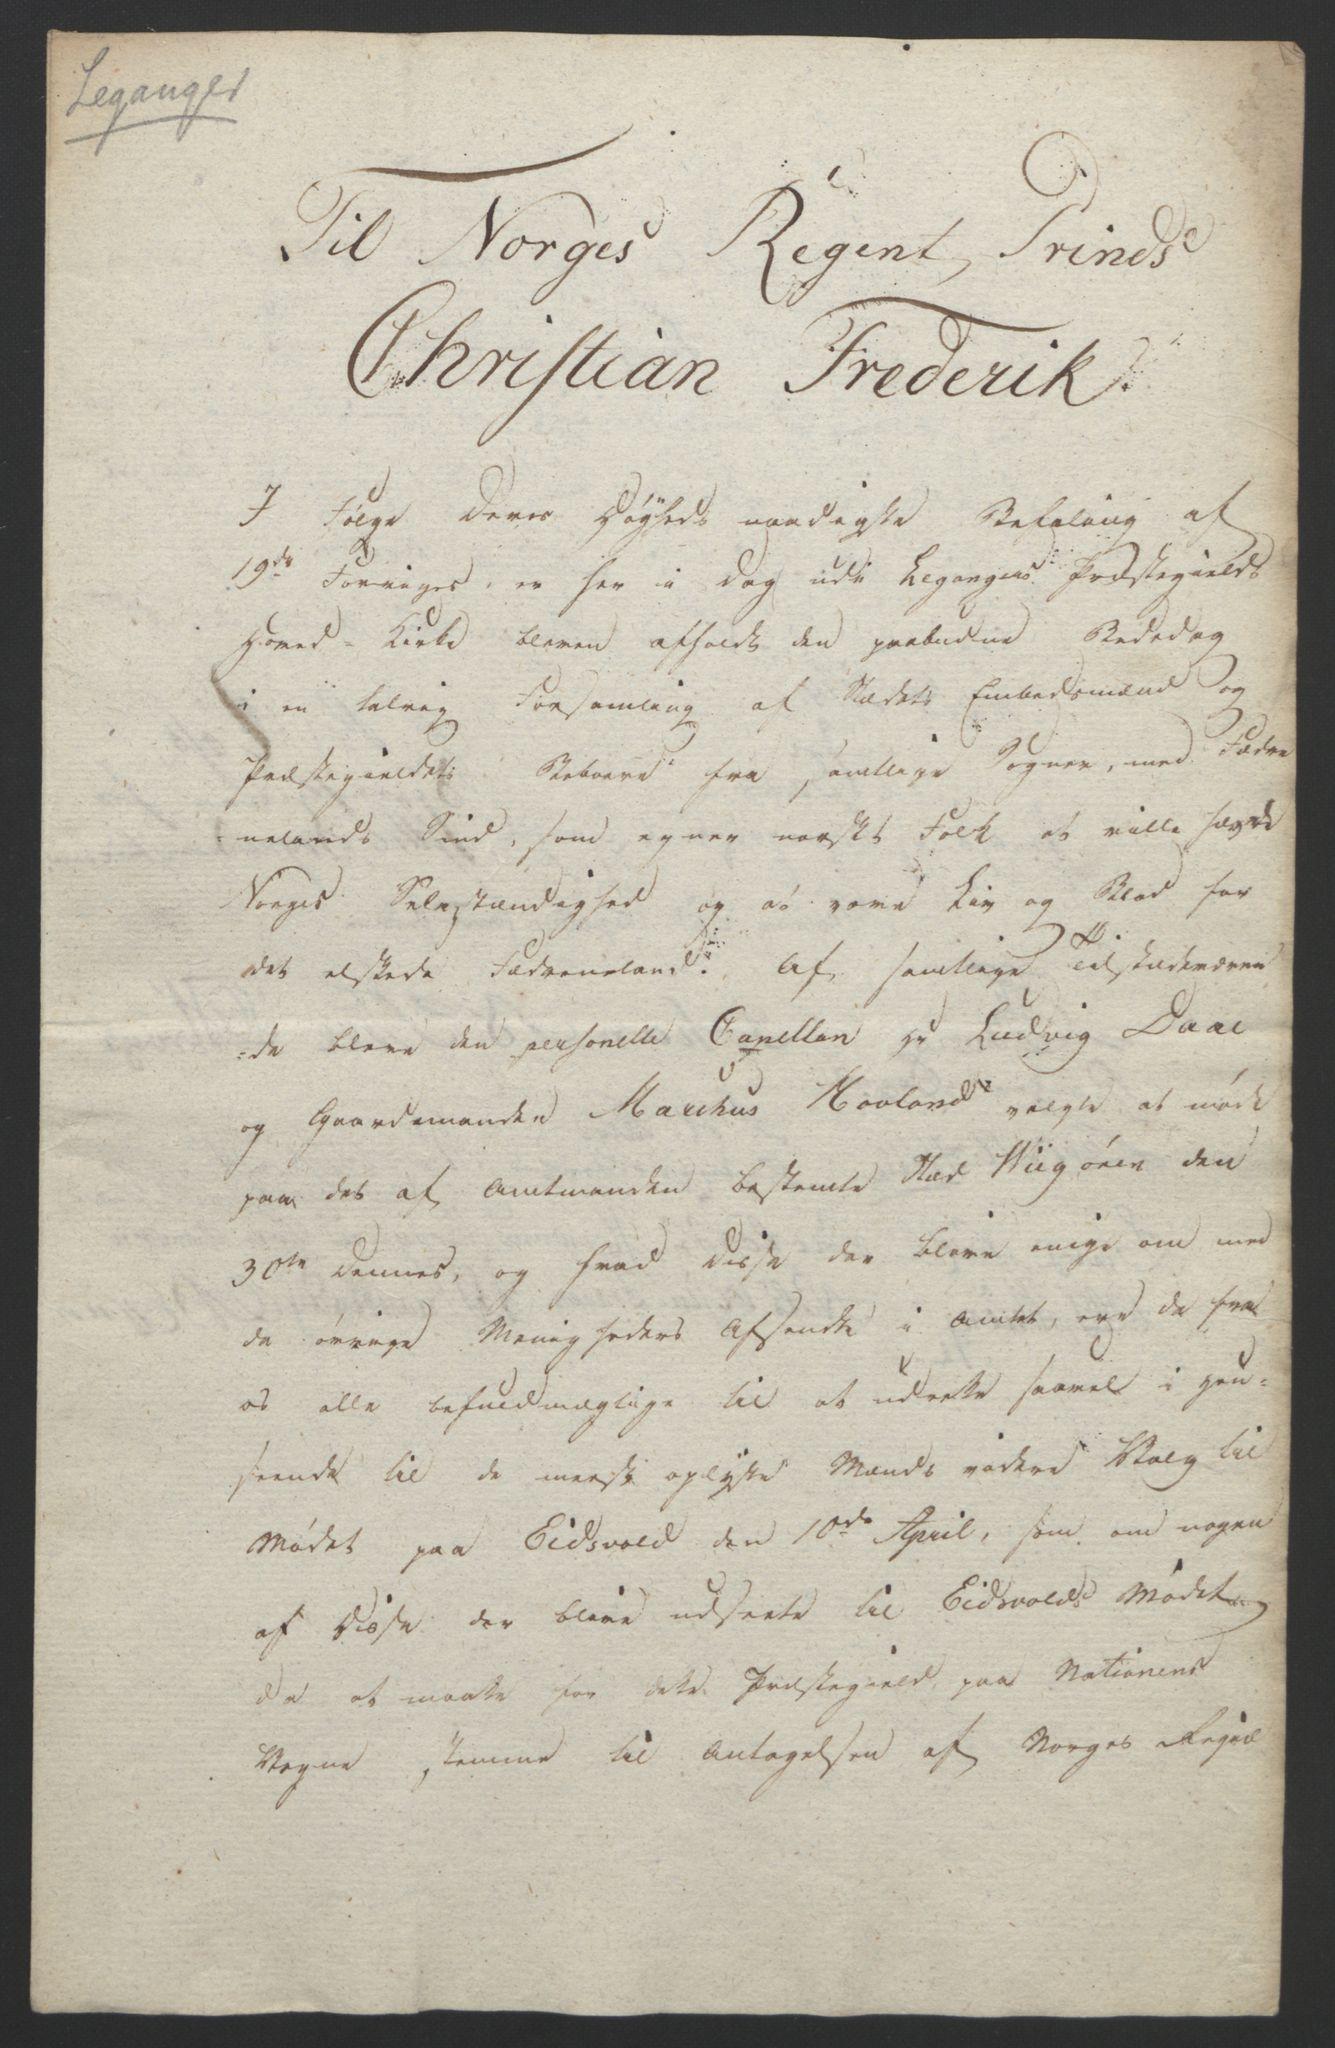 RA, Statsrådssekretariatet, D/Db/L0008: Fullmakter for Eidsvollsrepresentantene i 1814. , 1814, s. 336